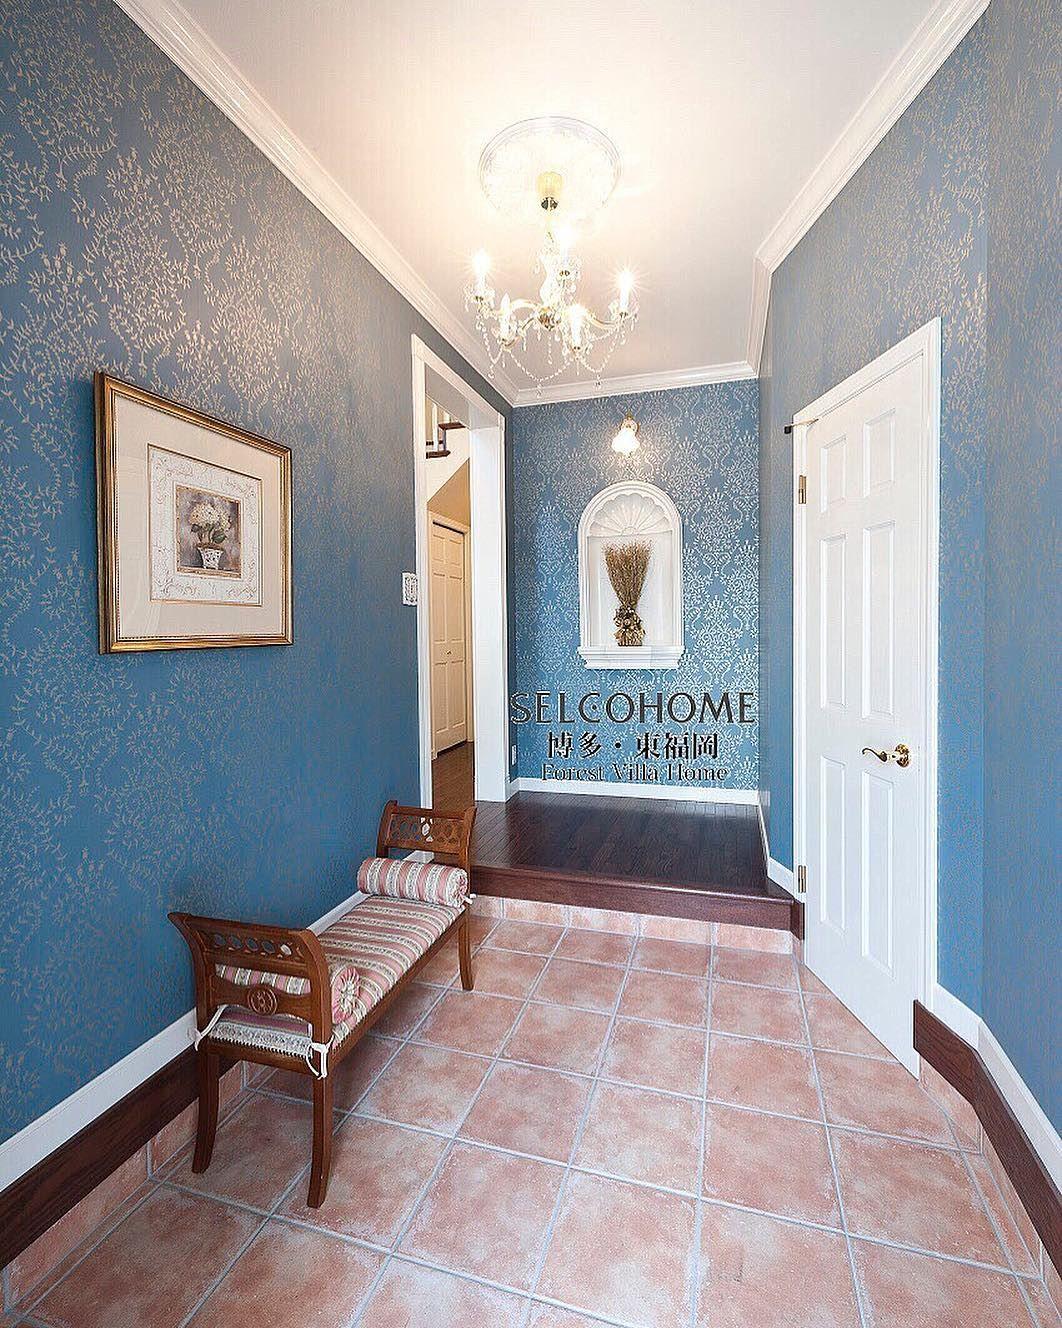 鮮やかな青の壁紙が印象的な玄関ホール セルコホーム博多 輸入住宅